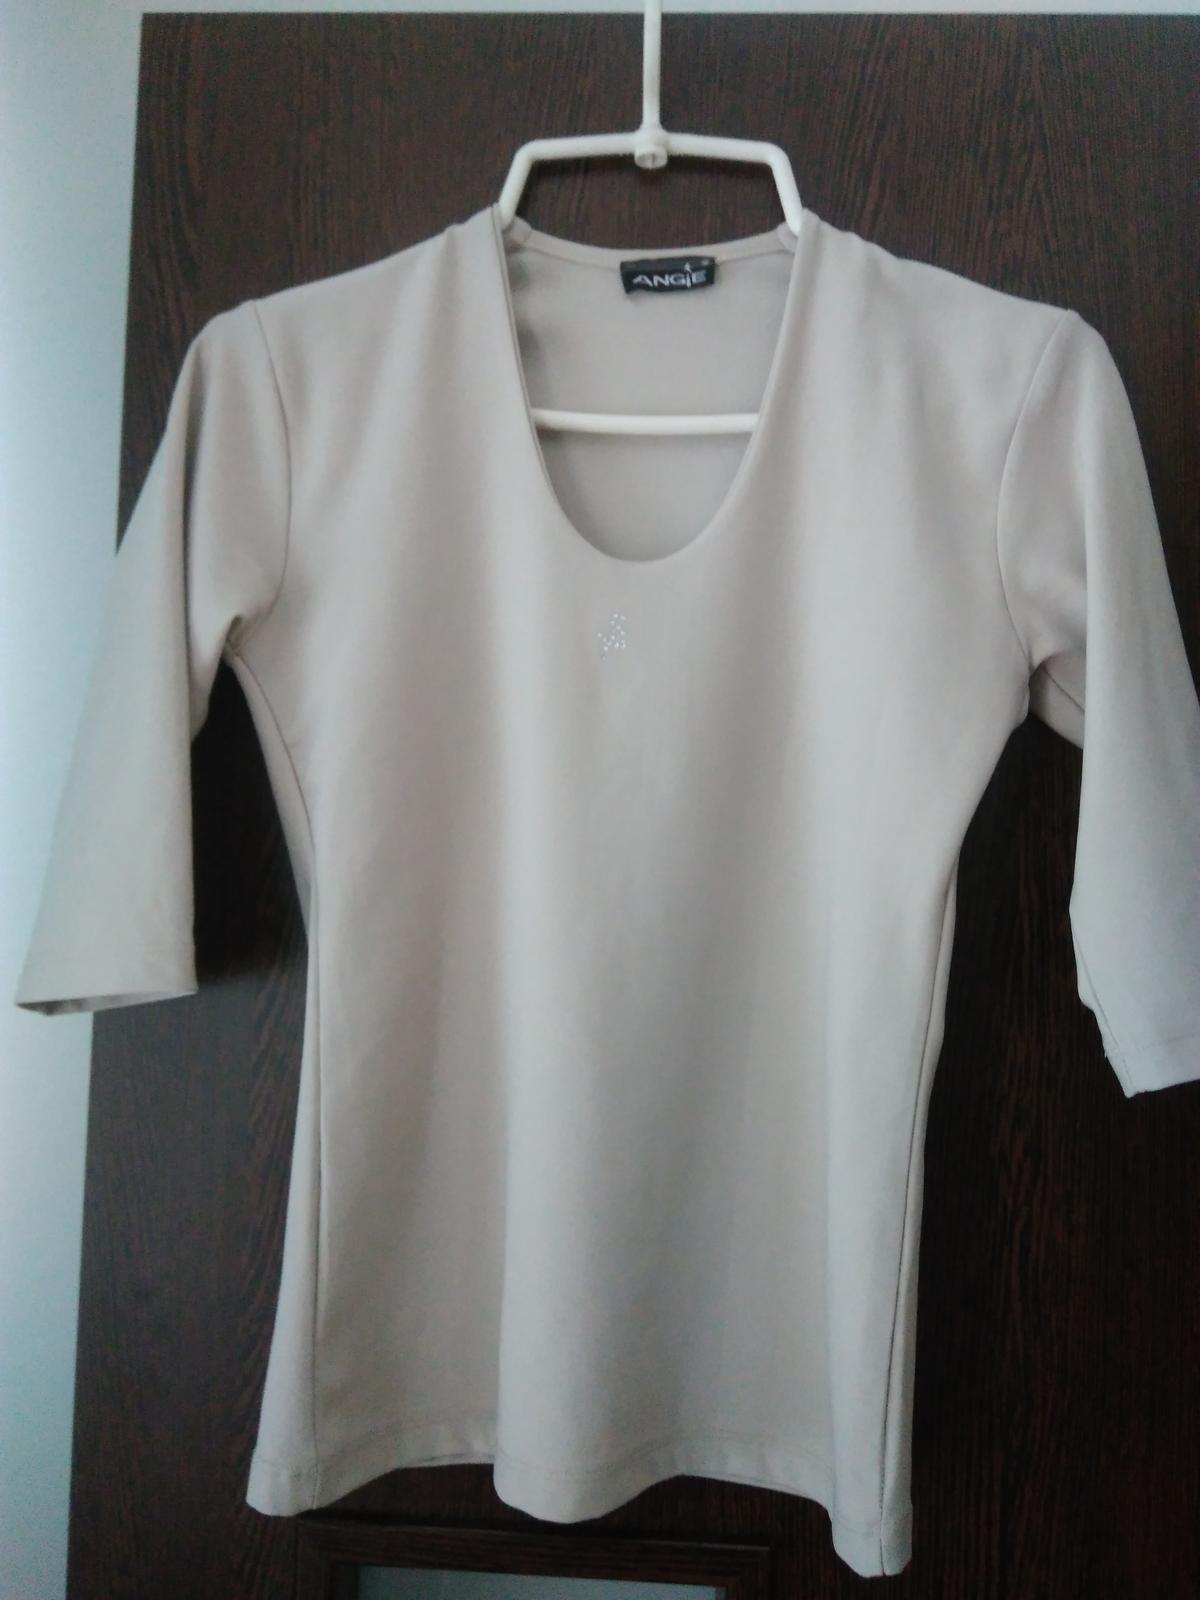 predám tričko - Obrázok č. 1